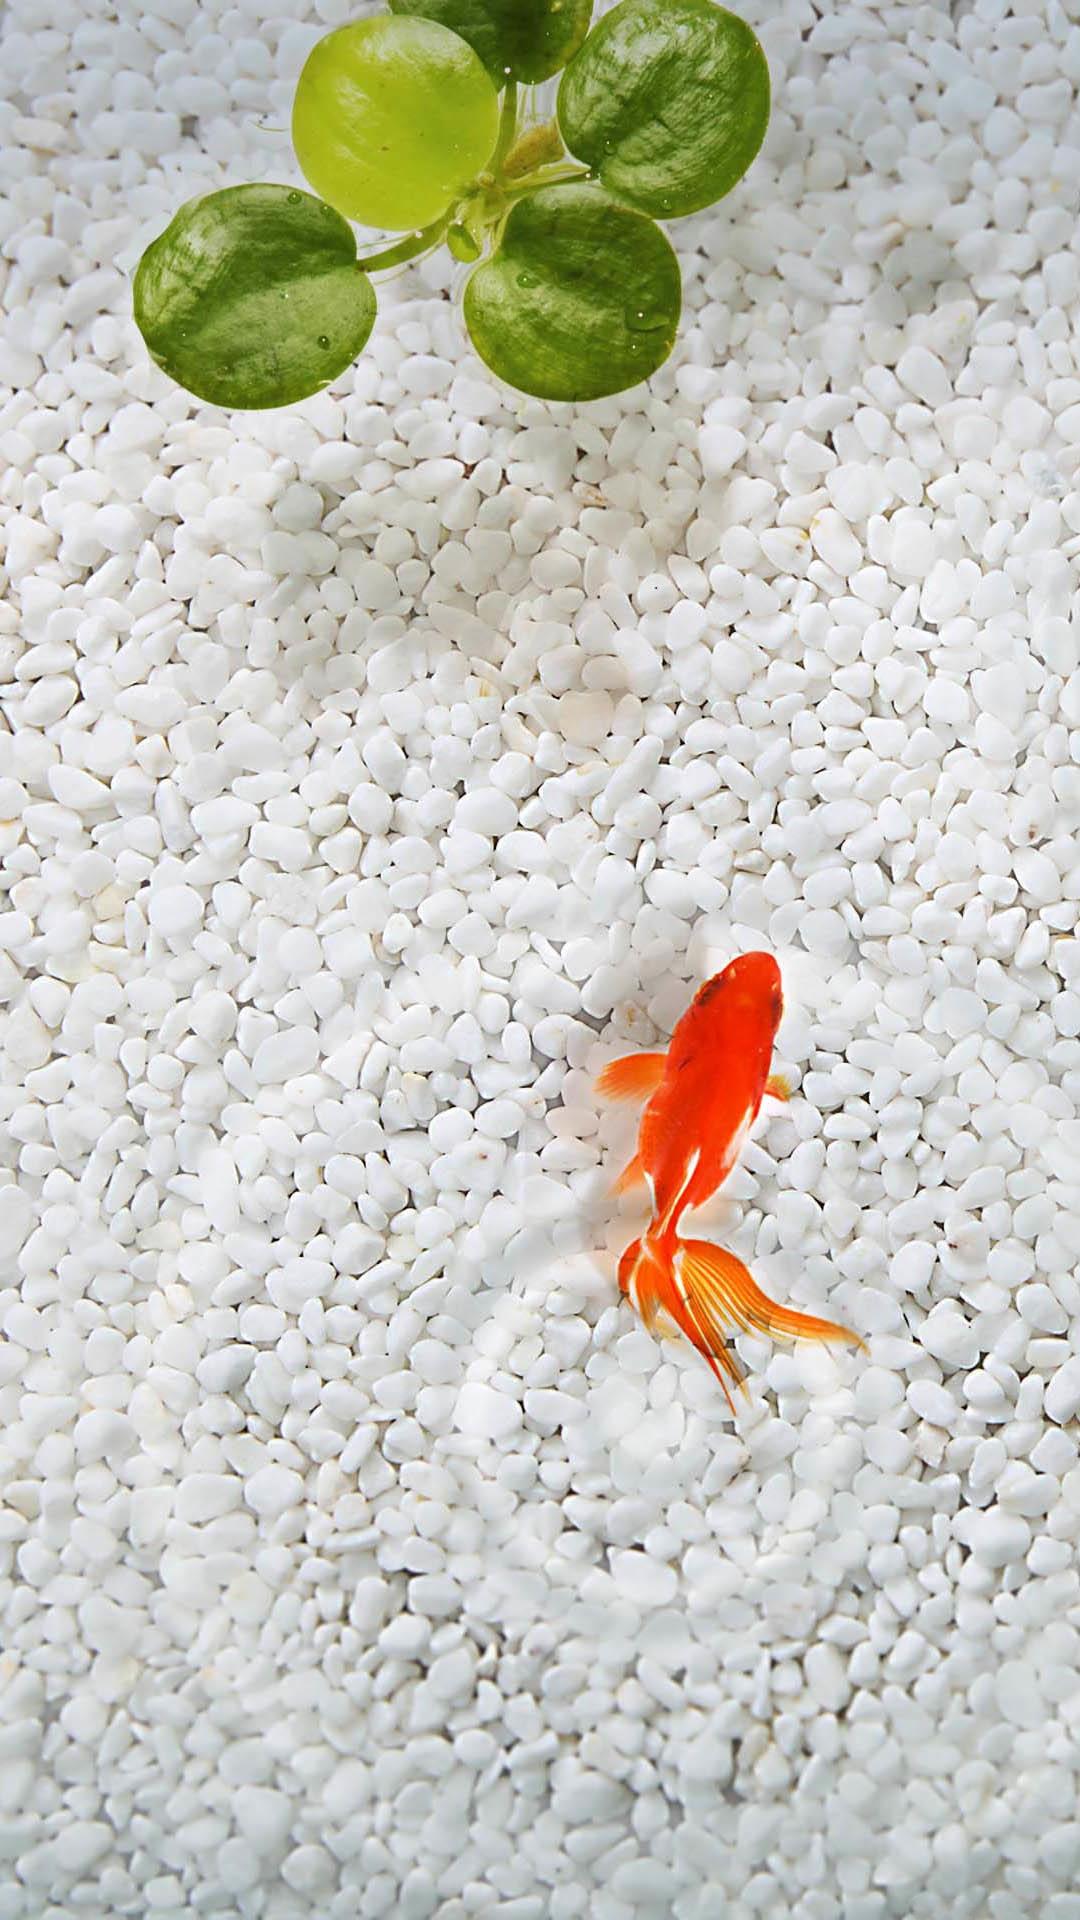 オレンジフィッシュホワイトストーン水族館iphone 8 Plus Android壁紙